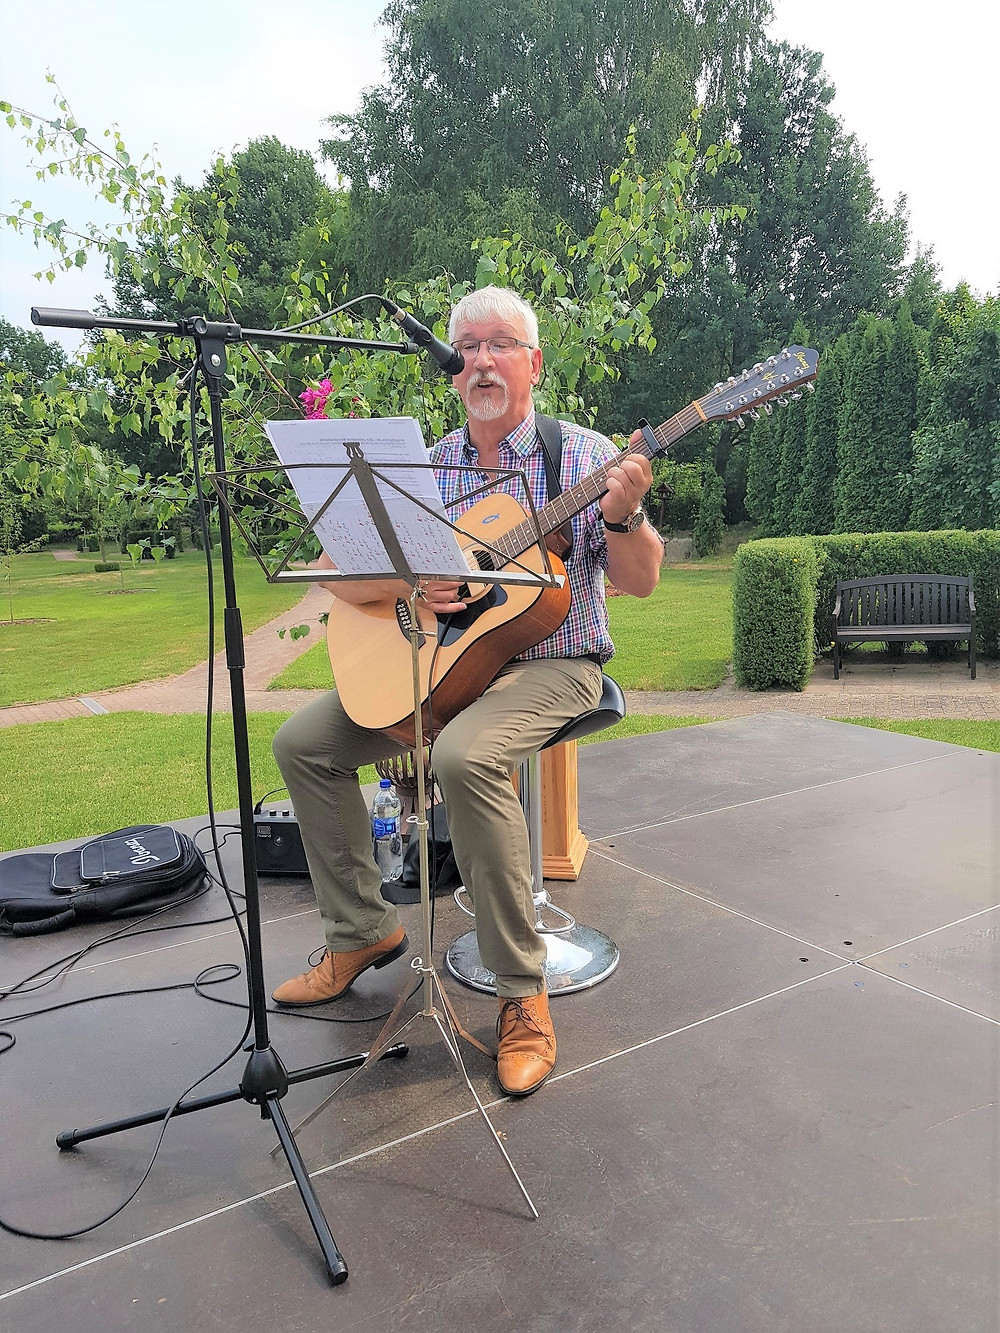 Herr Reinhard Hinze aus Meyenburg sang und spielte auf seiner Gitarre.